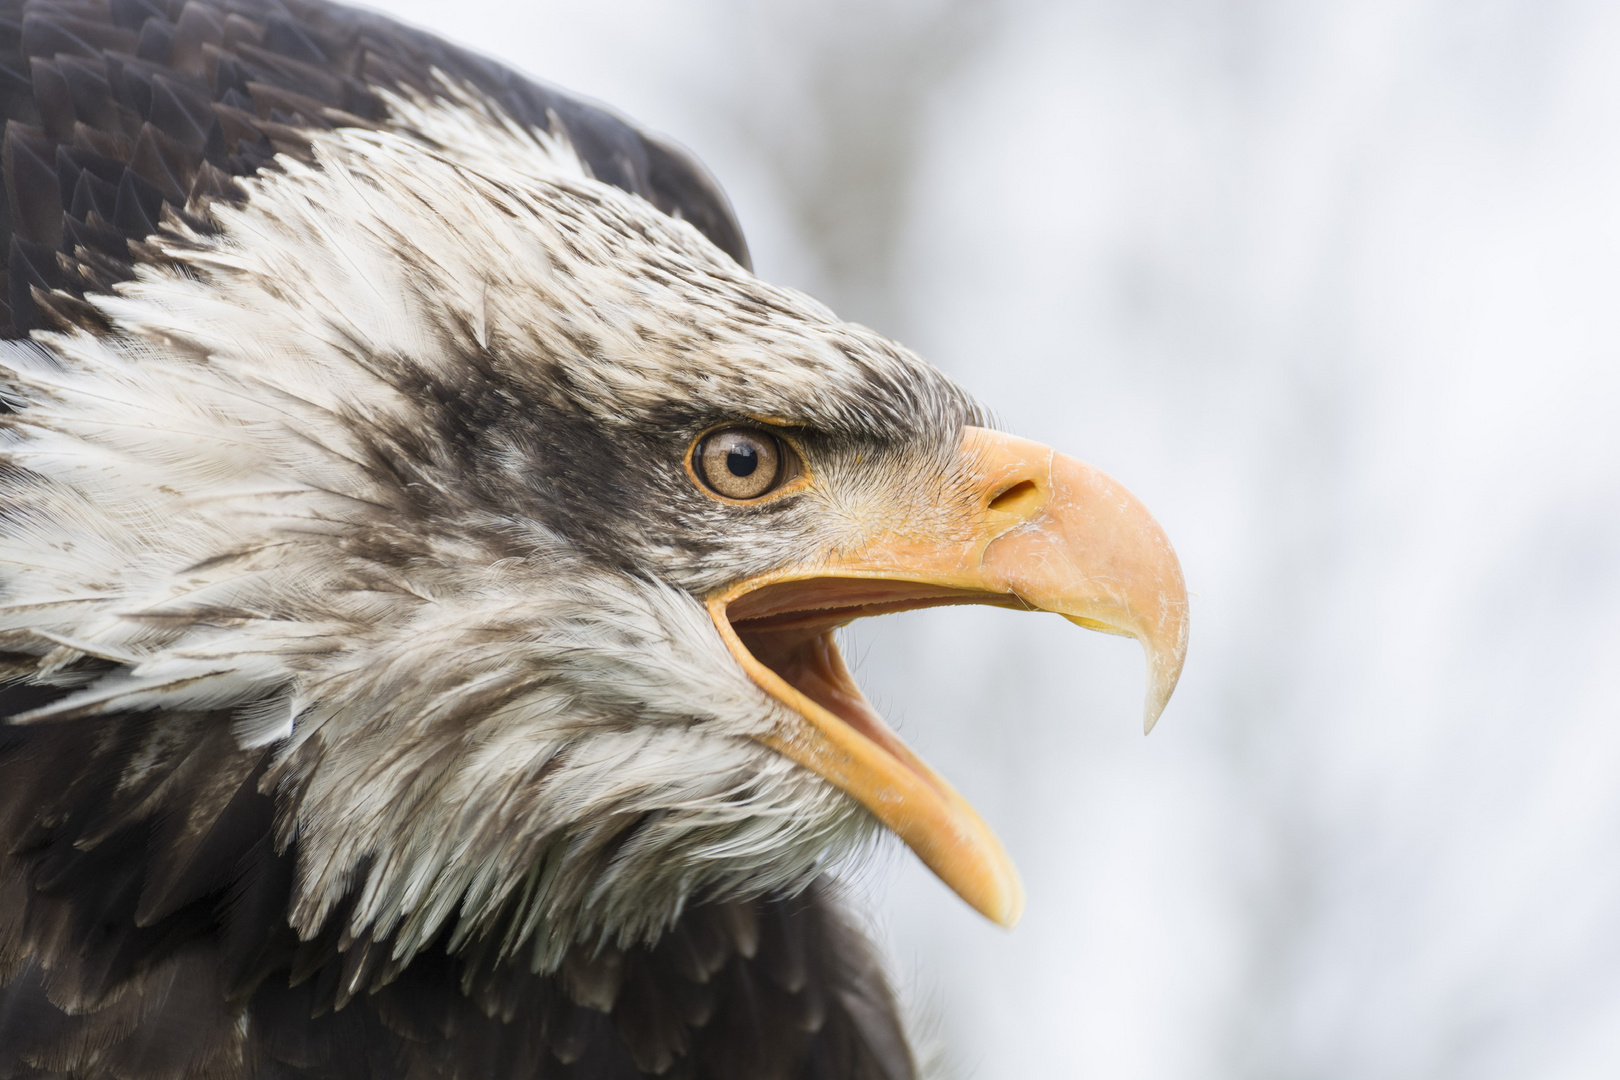 Call of the bald eagle